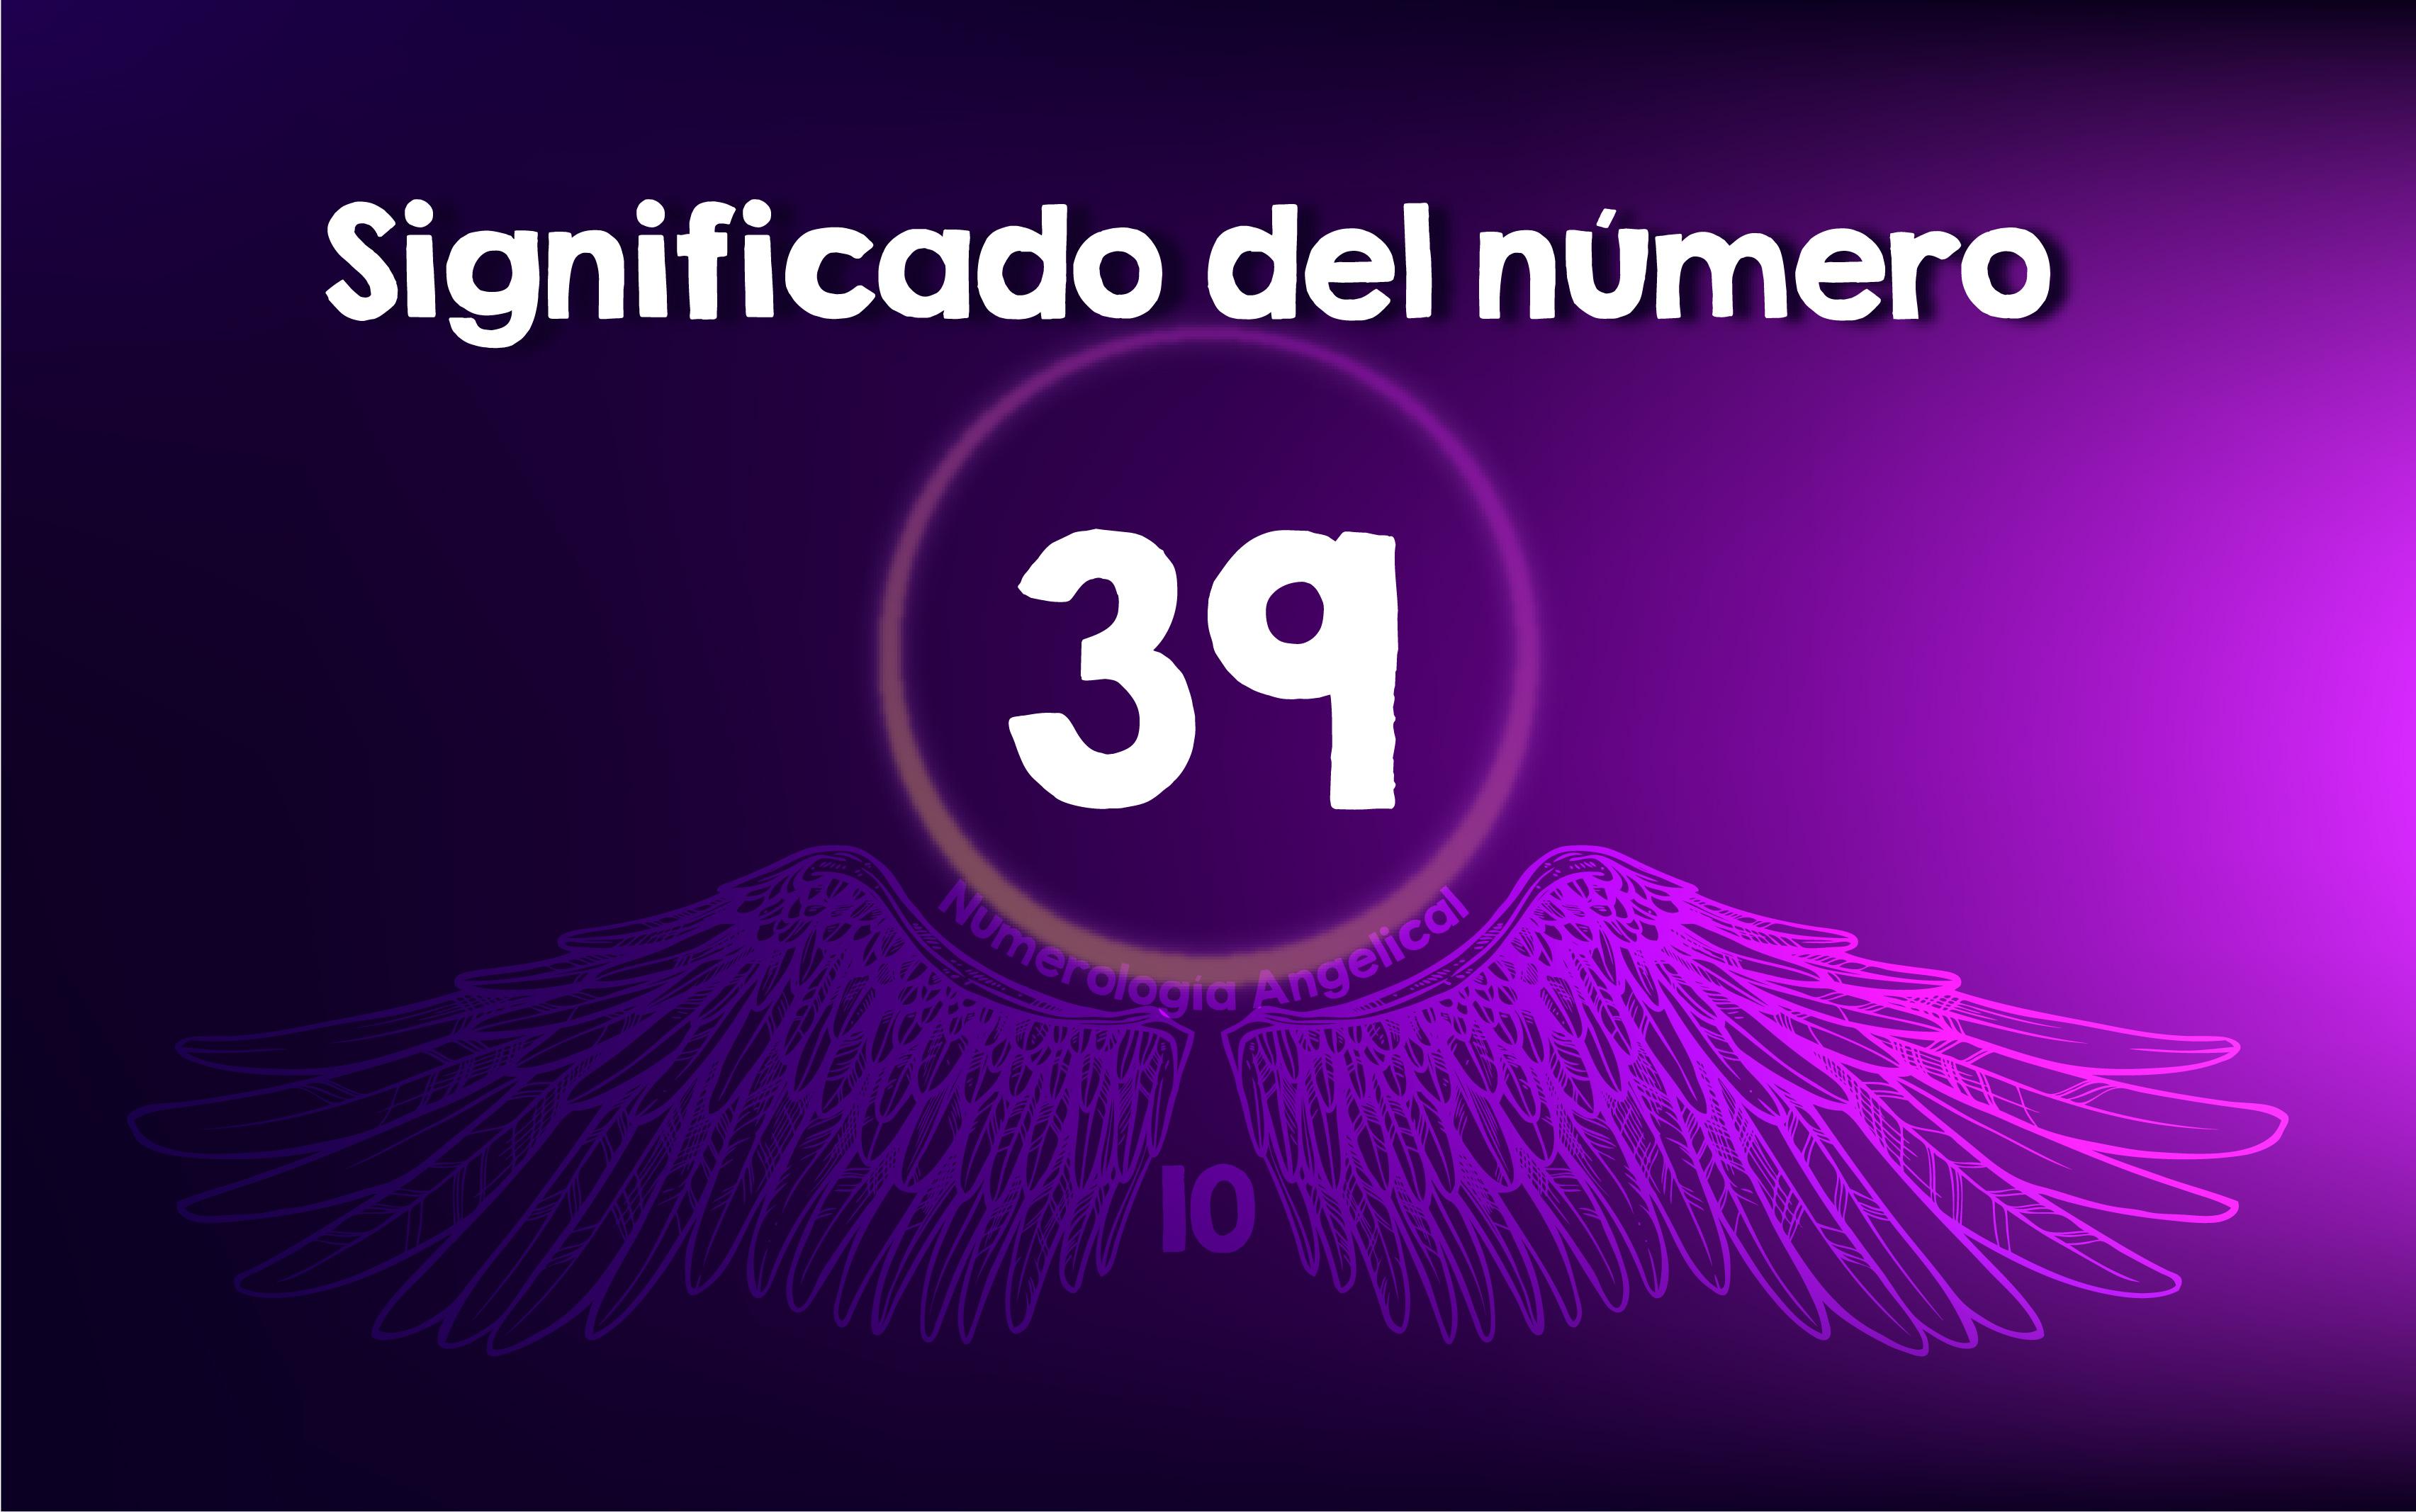 Significado del número 39